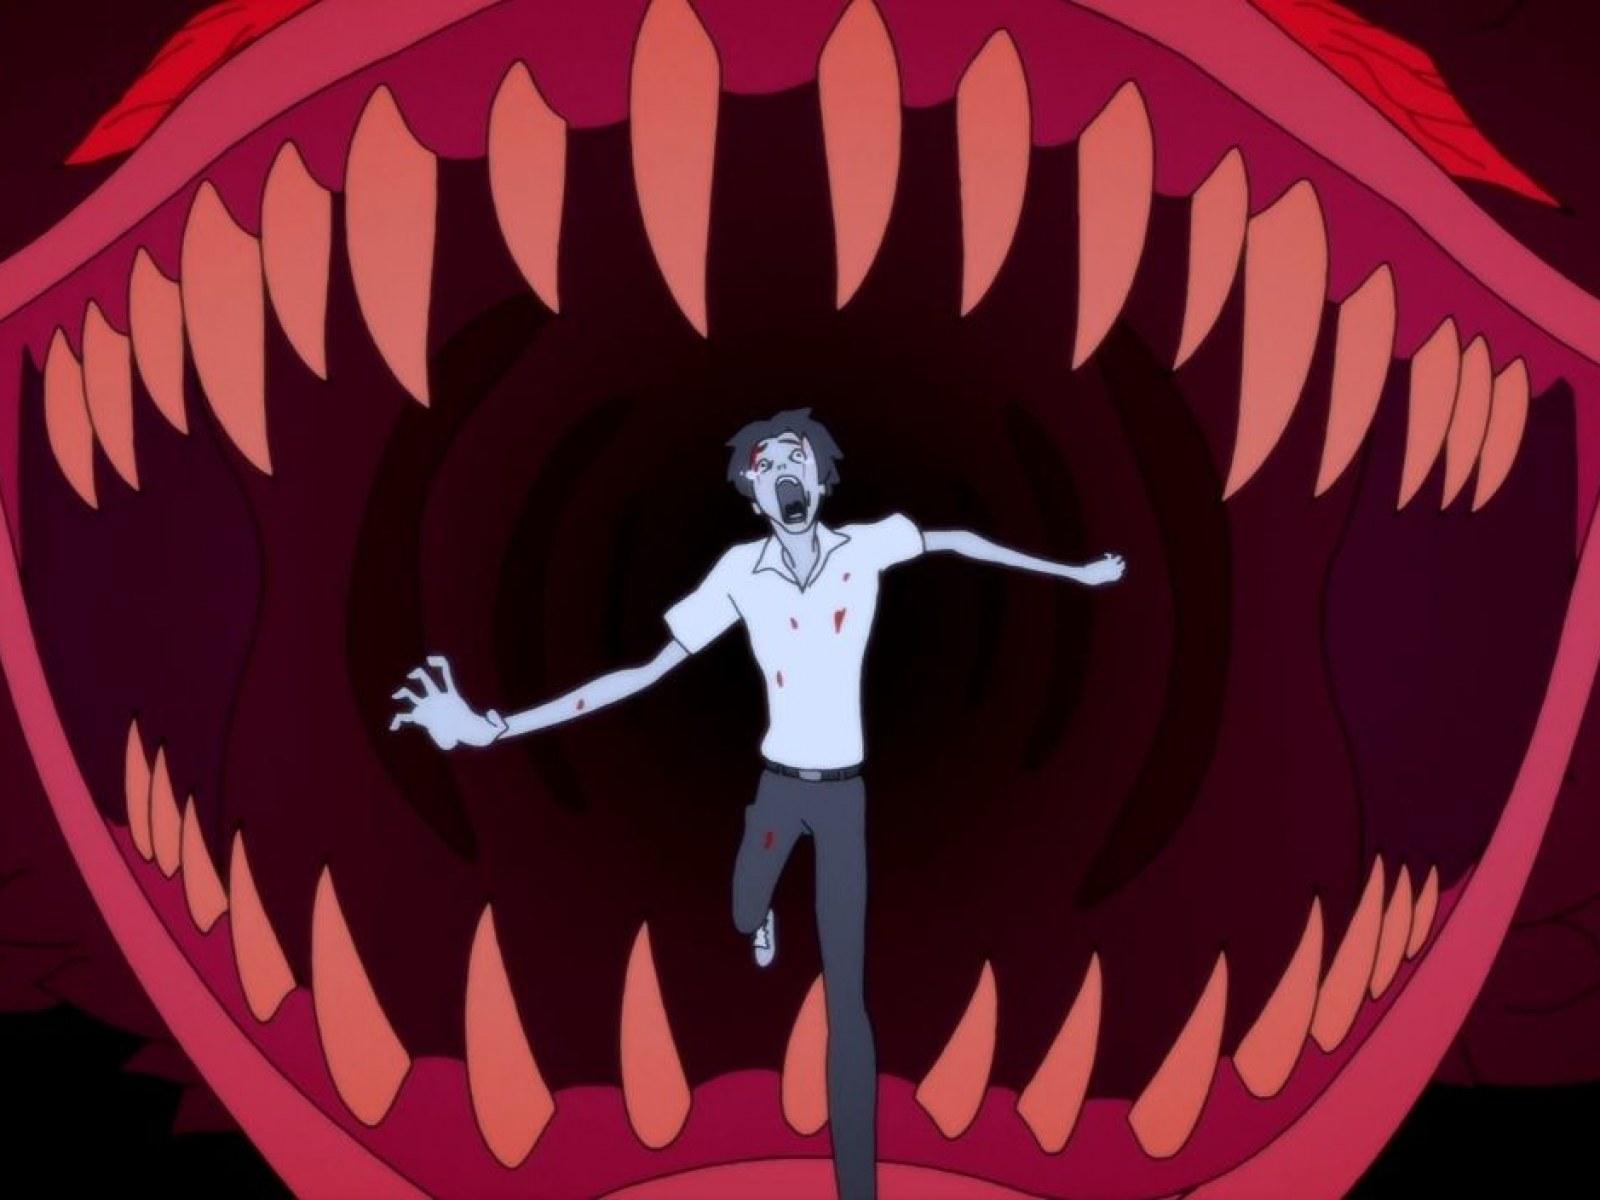 A Beginner S Guide To Devilman Crybaby Netflix S Best Most Disturbing Original Anime